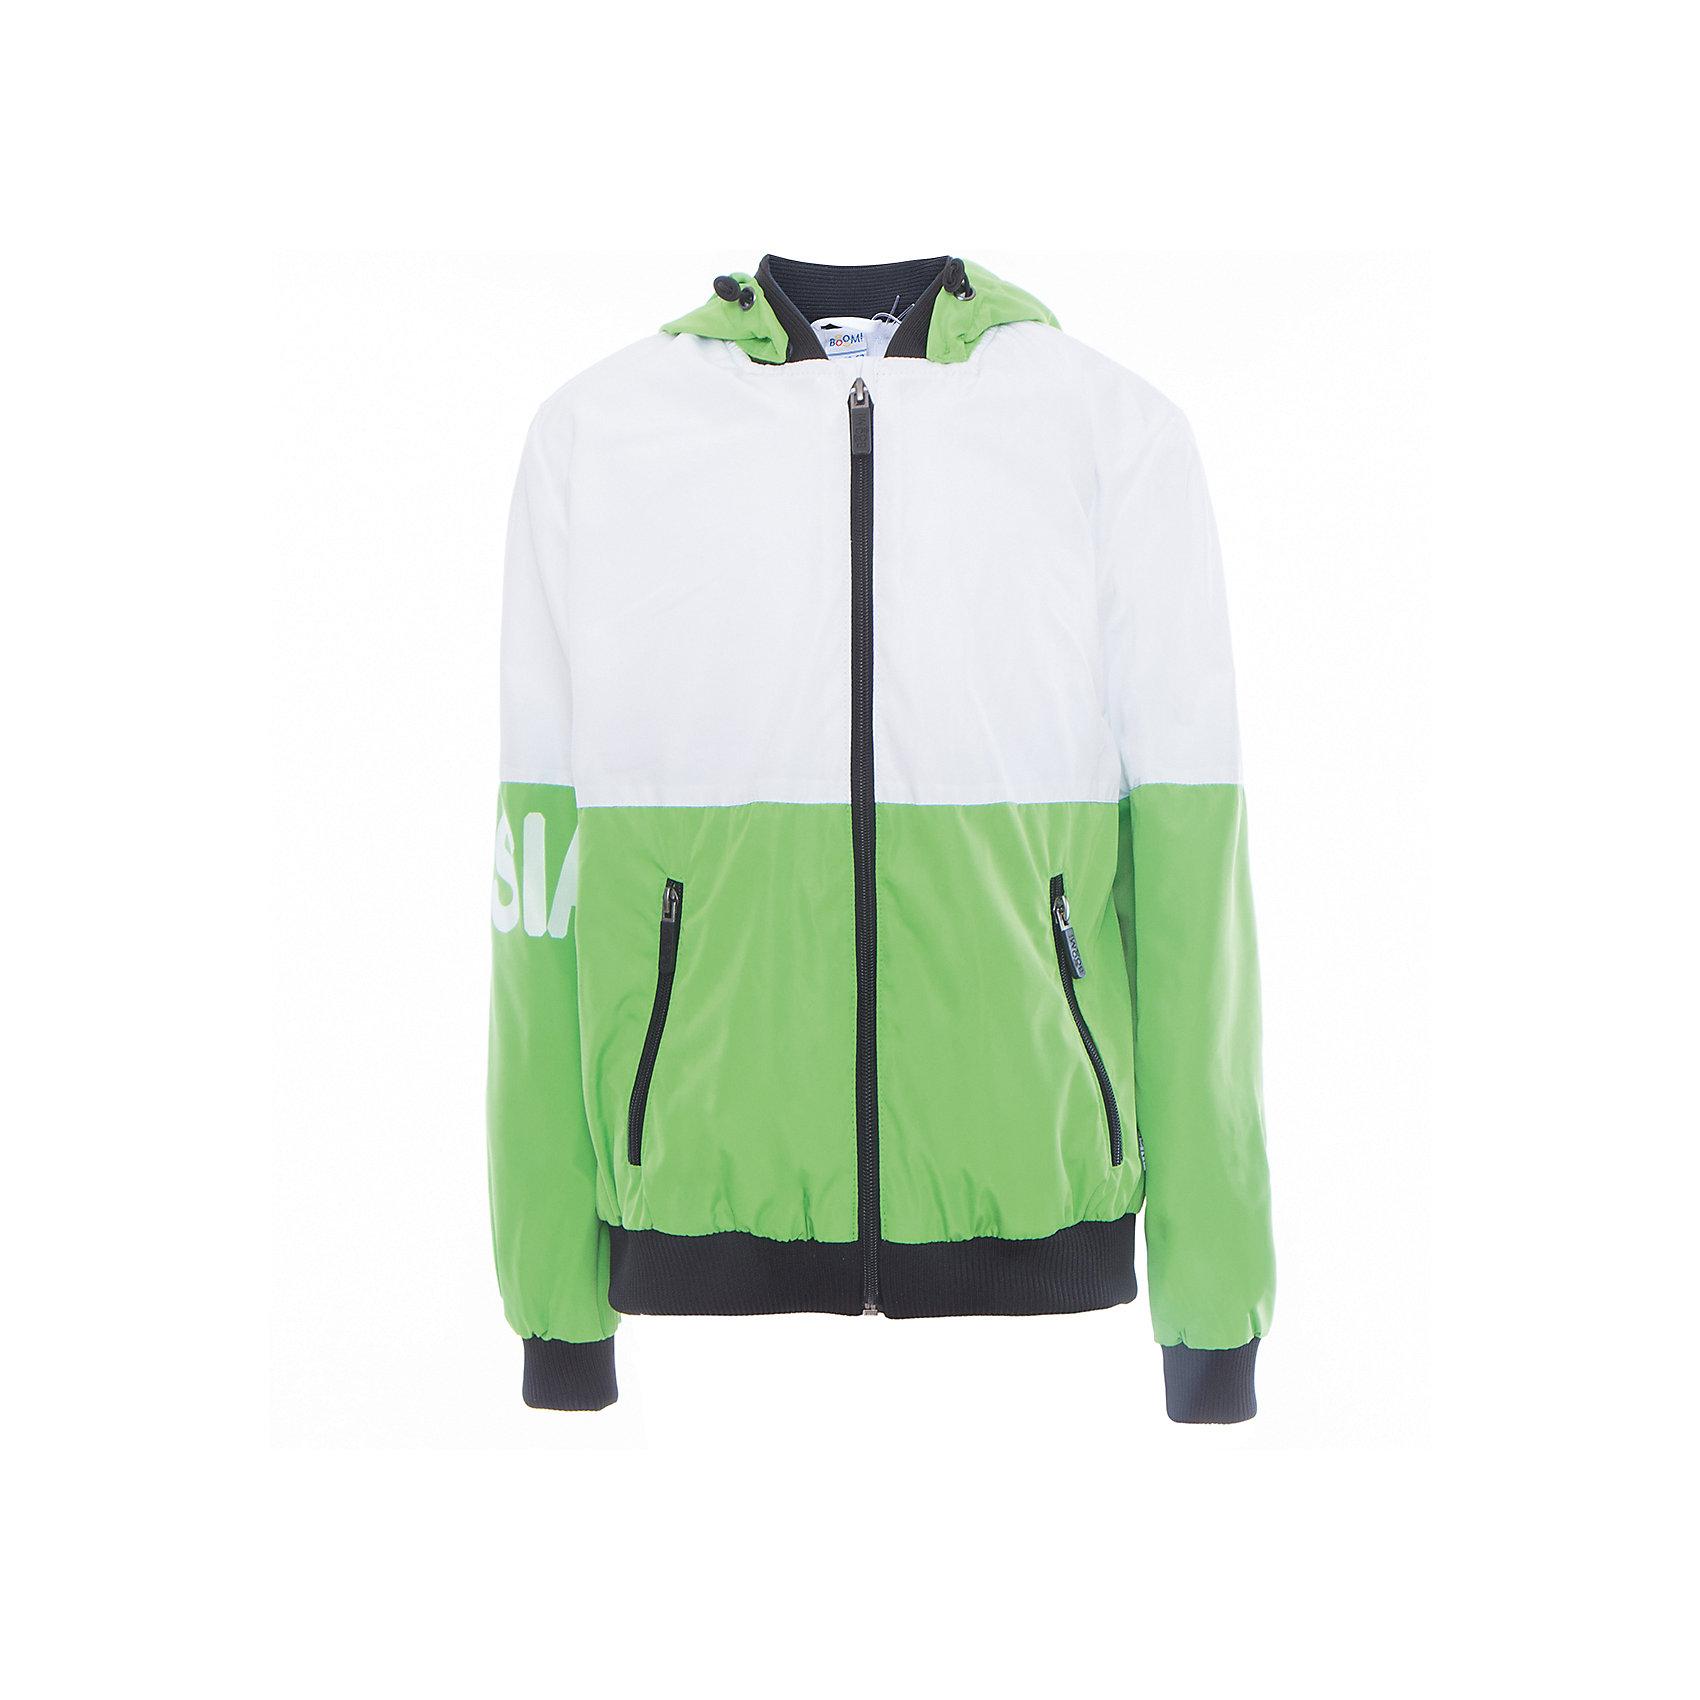 Куртка для мальчика BOOM by OrbyВерхняя одежда<br>Характеристики товара:<br><br>• цвет: зелёный<br>• состав: верх - Pronto pu, подкладка - полиэстер, флис, без утеплителя<br>• температурный режим: от +5°до +15°С<br>• демисезон<br>• капюшон<br>• застежка - молния<br>• эластичные манжеты<br>• принт<br>• карманы<br>• комфортная посадка<br>• страна производства: Российская Федерация<br>• страна бренда: Российская Федерация<br>• коллекция: весна-лето 2017<br><br>Такая куртка - универсальный вариант для теплого межсезонья с постоянно меняющейся погодой. Эта модель - модная и удобная одновременно! Изделие отличается стильным ярким дизайном. Куртка хорошо сидит по фигуре, отлично сочетается с различным низом. Вещь была разработана специально для детей.<br><br>Куртку для мальчика для девочки от бренда BOOM by Orby можно купить в нашем интернет-магазине.<br><br>Ширина мм: 356<br>Глубина мм: 10<br>Высота мм: 245<br>Вес г: 519<br>Цвет: зеленый<br>Возраст от месяцев: 84<br>Возраст до месяцев: 96<br>Пол: Мужской<br>Возраст: Детский<br>Размер: 128,134,140,146,152,158,104,110,98,116,122<br>SKU: 5342898